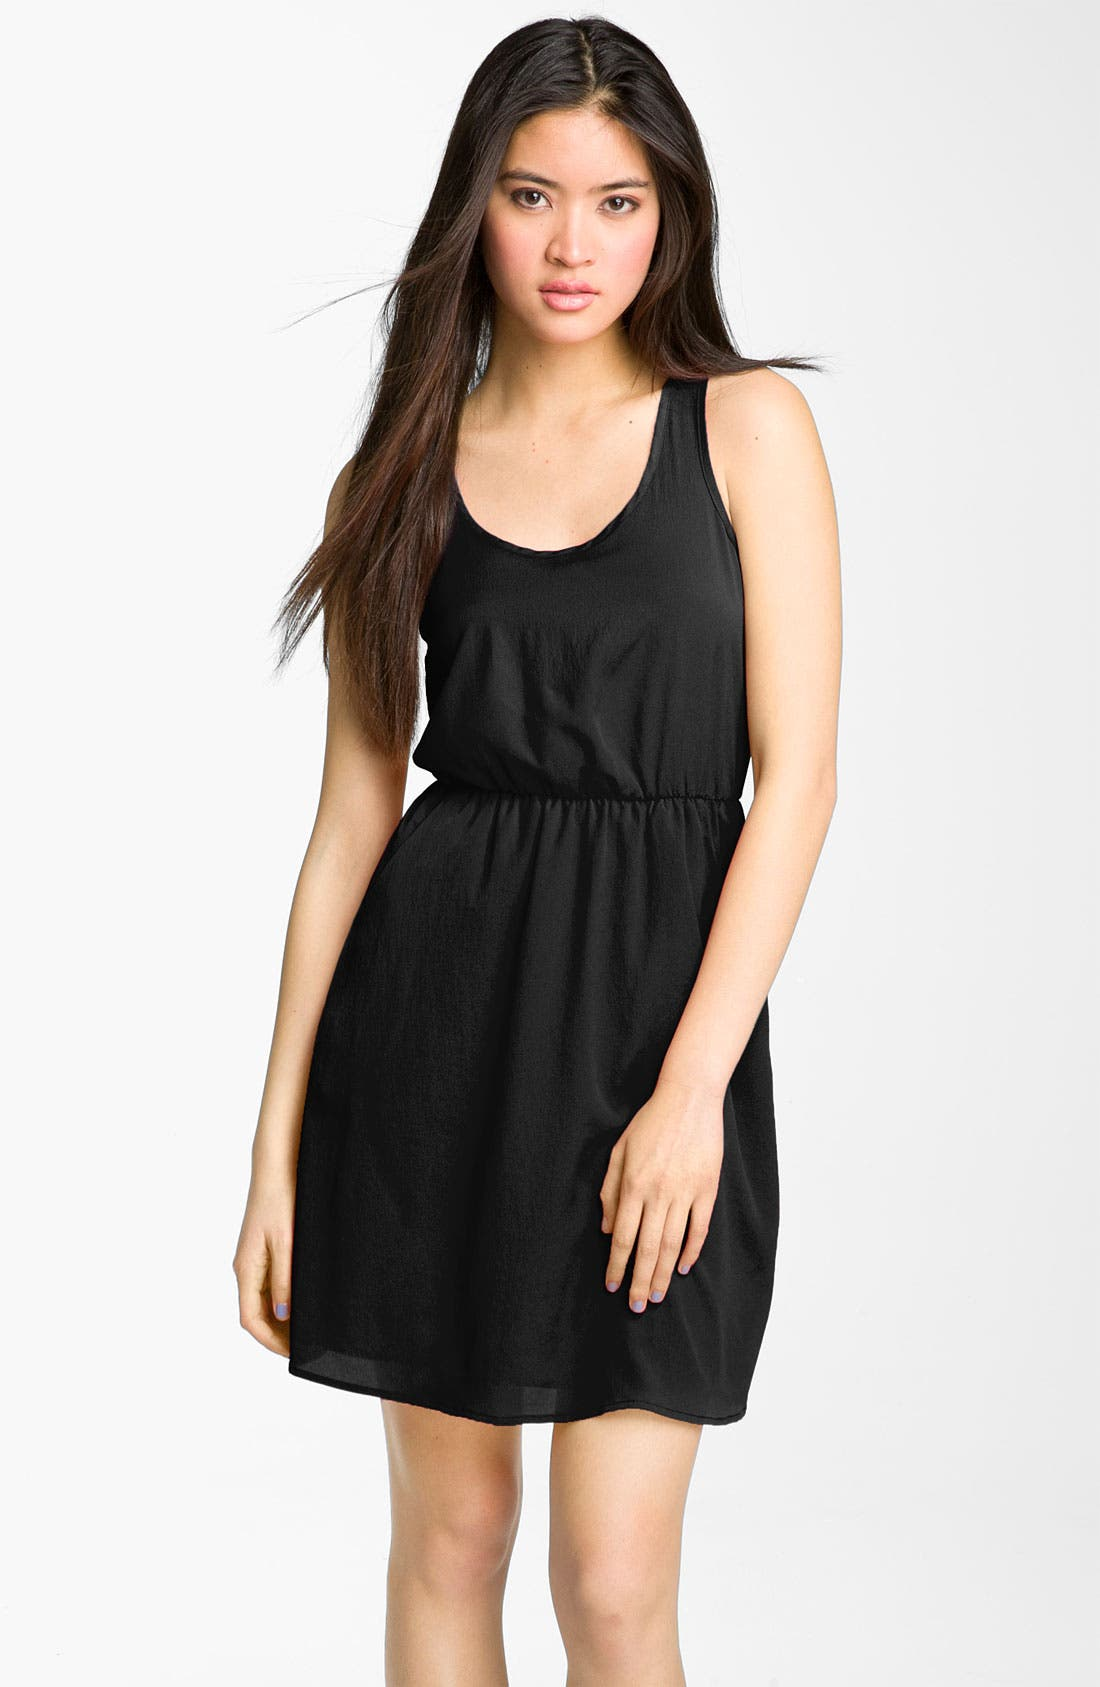 Alternate Image 1 Selected - Lush Cutout Back Dress (Juniors)